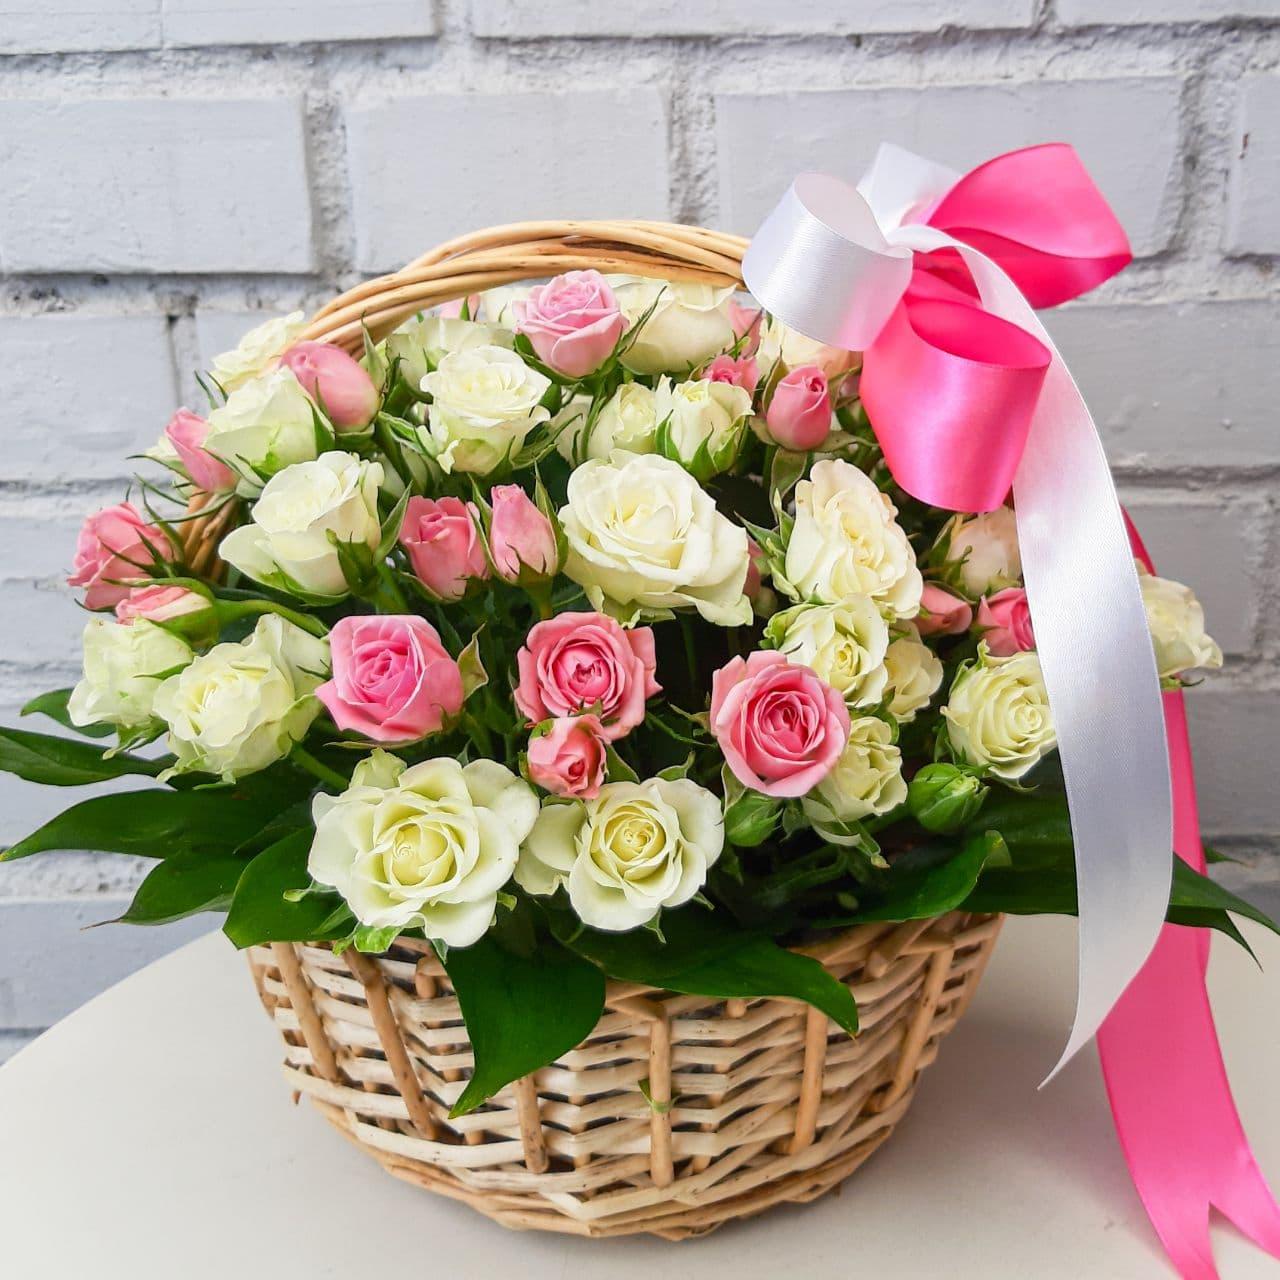 красивый букет розовых цветов устанавливаем минимальное число